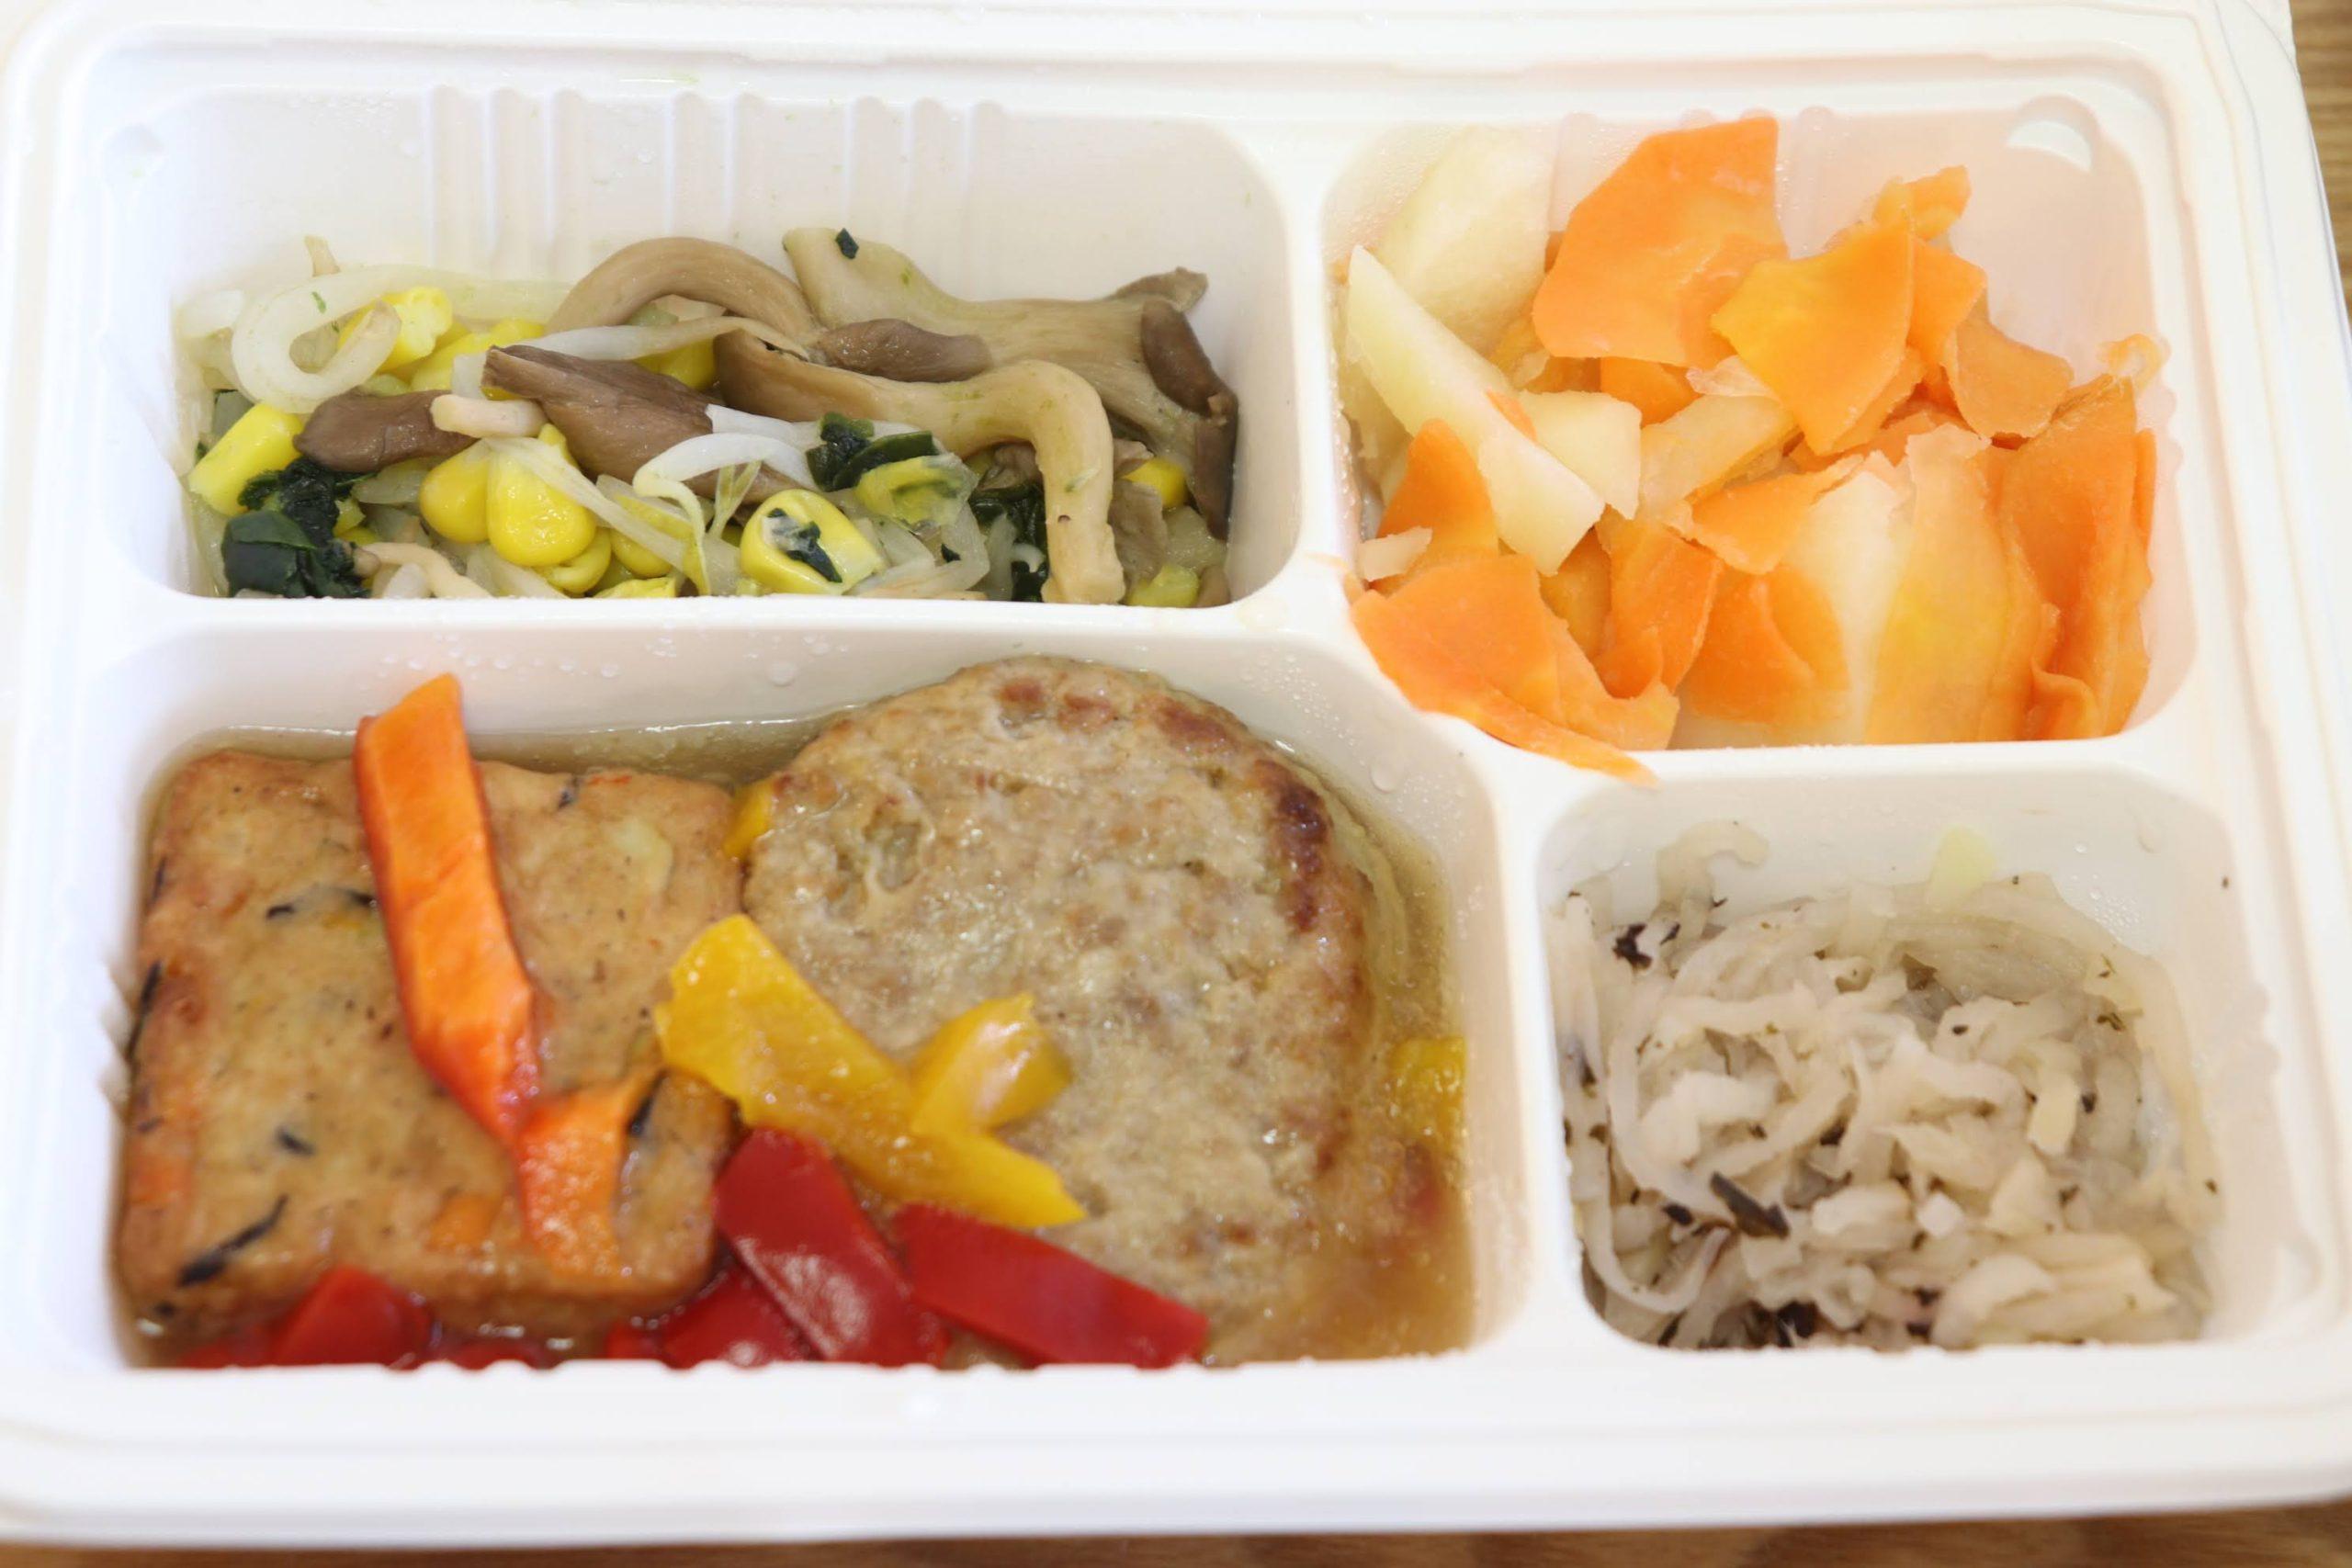 ひじきと野菜の豆腐揚げ